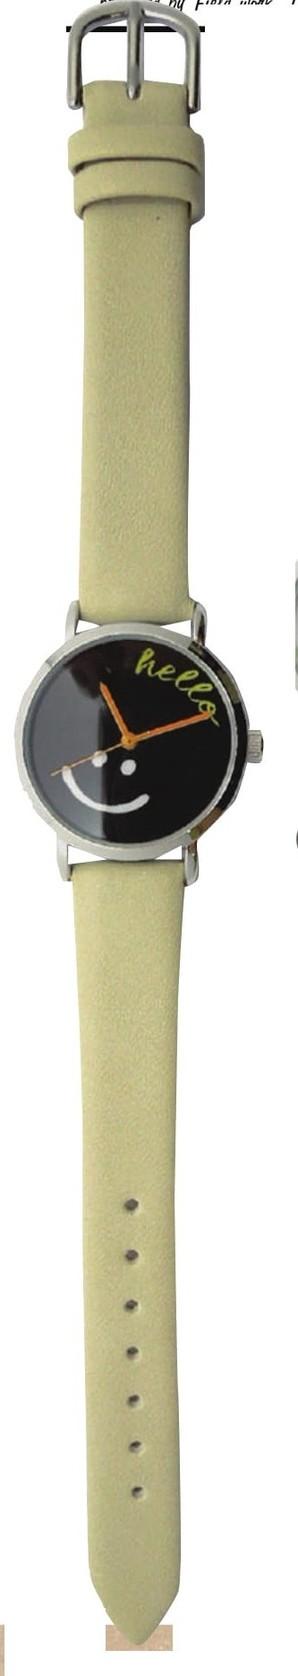 時計専門メーカーの腕時計 CLシリーズ CL-03パターン!